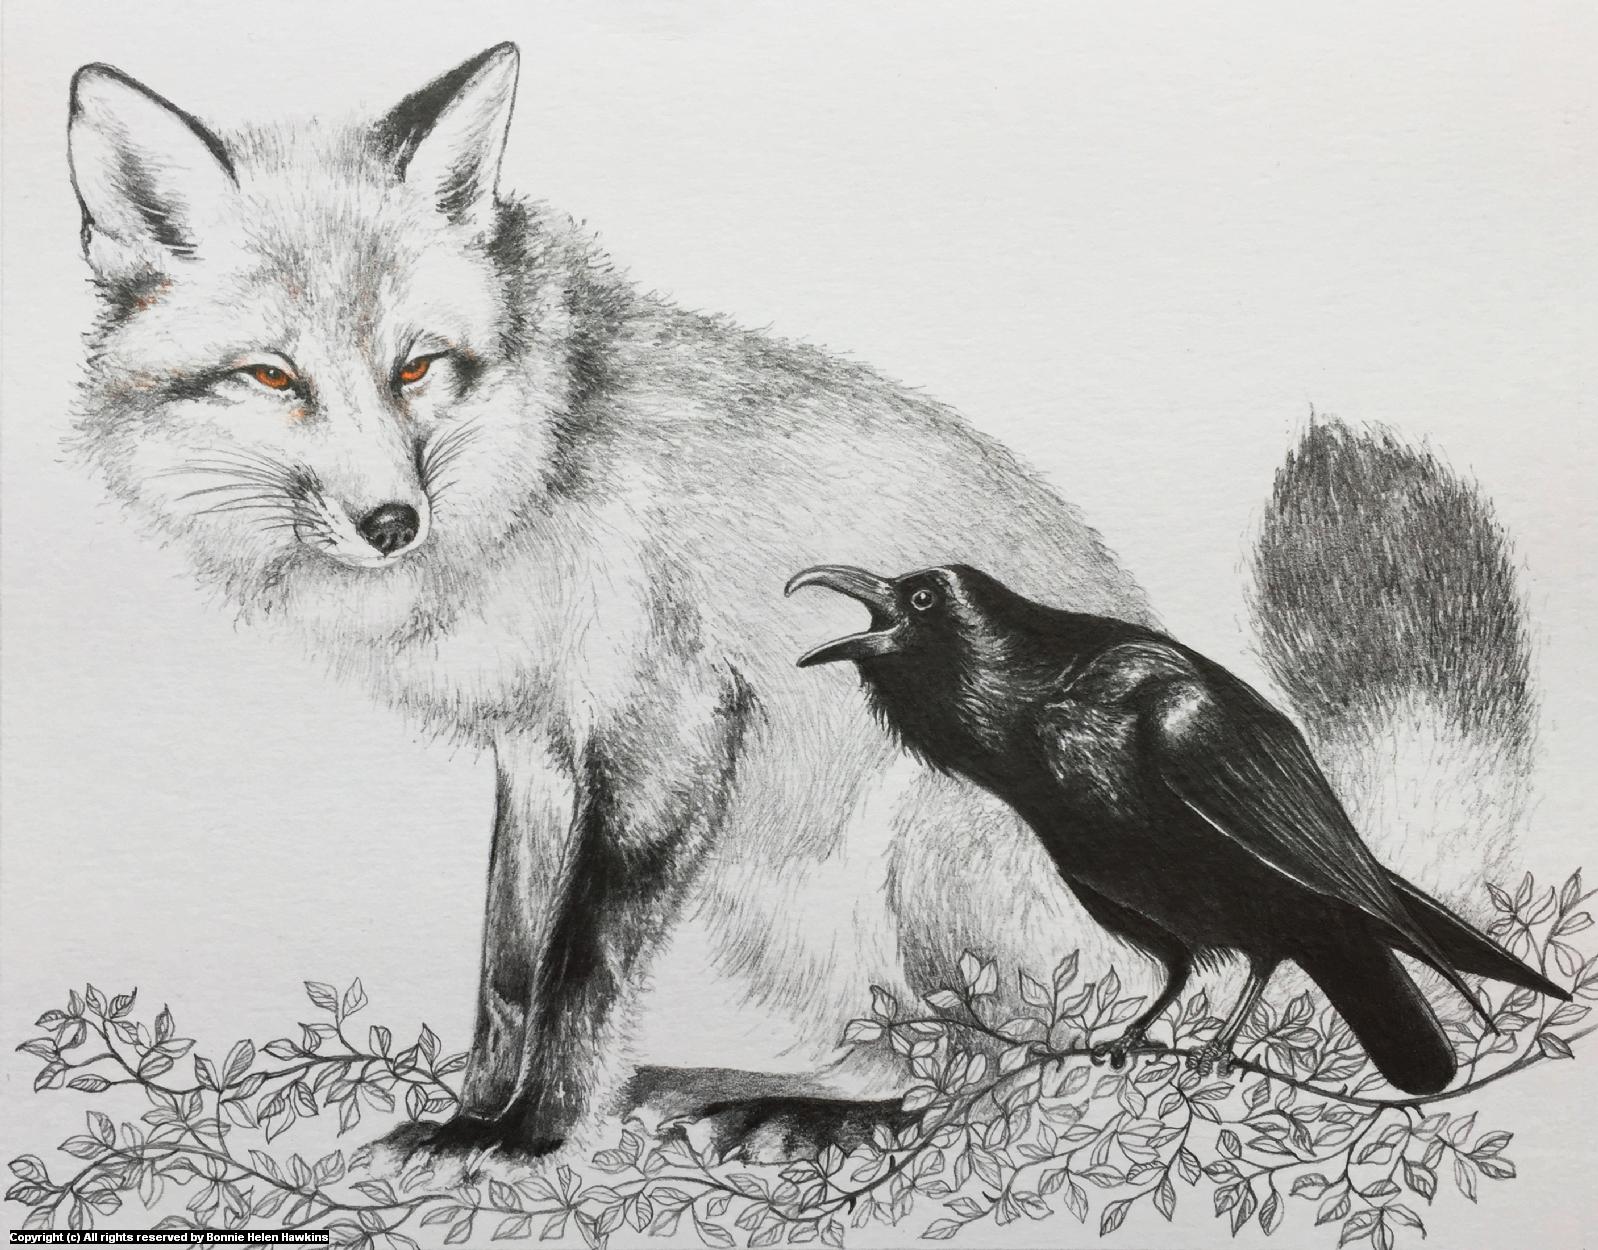 Week 18 Artwork by Bonnie Helen Hawkins